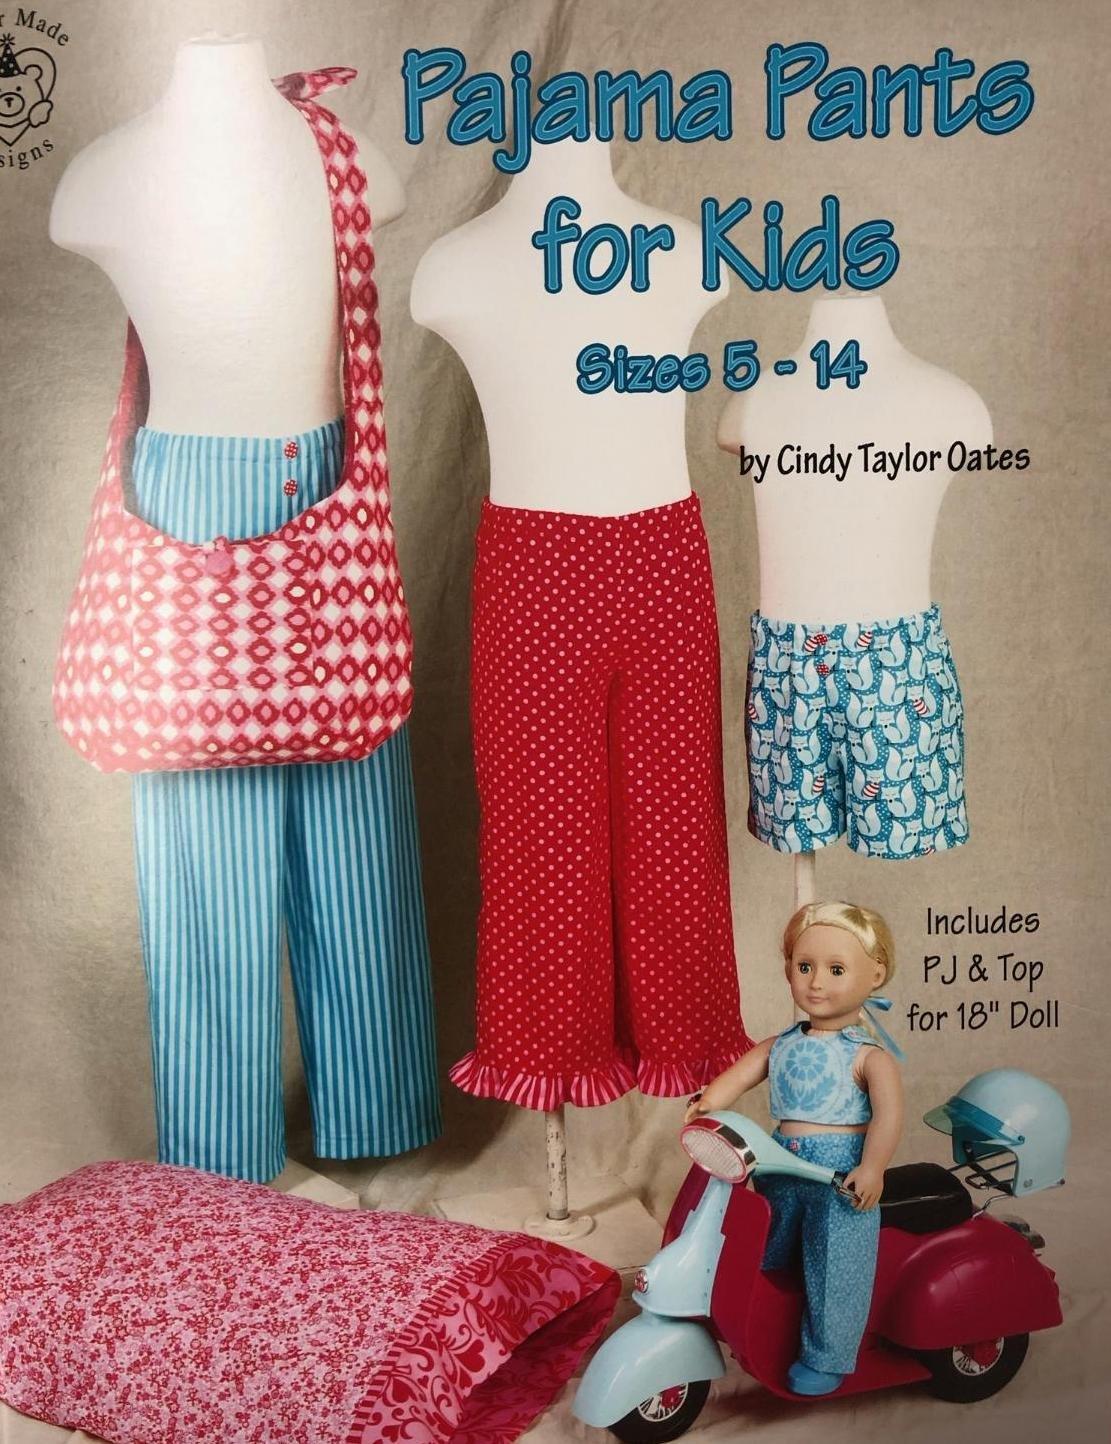 Pajama Pants for Kids size 5 -14